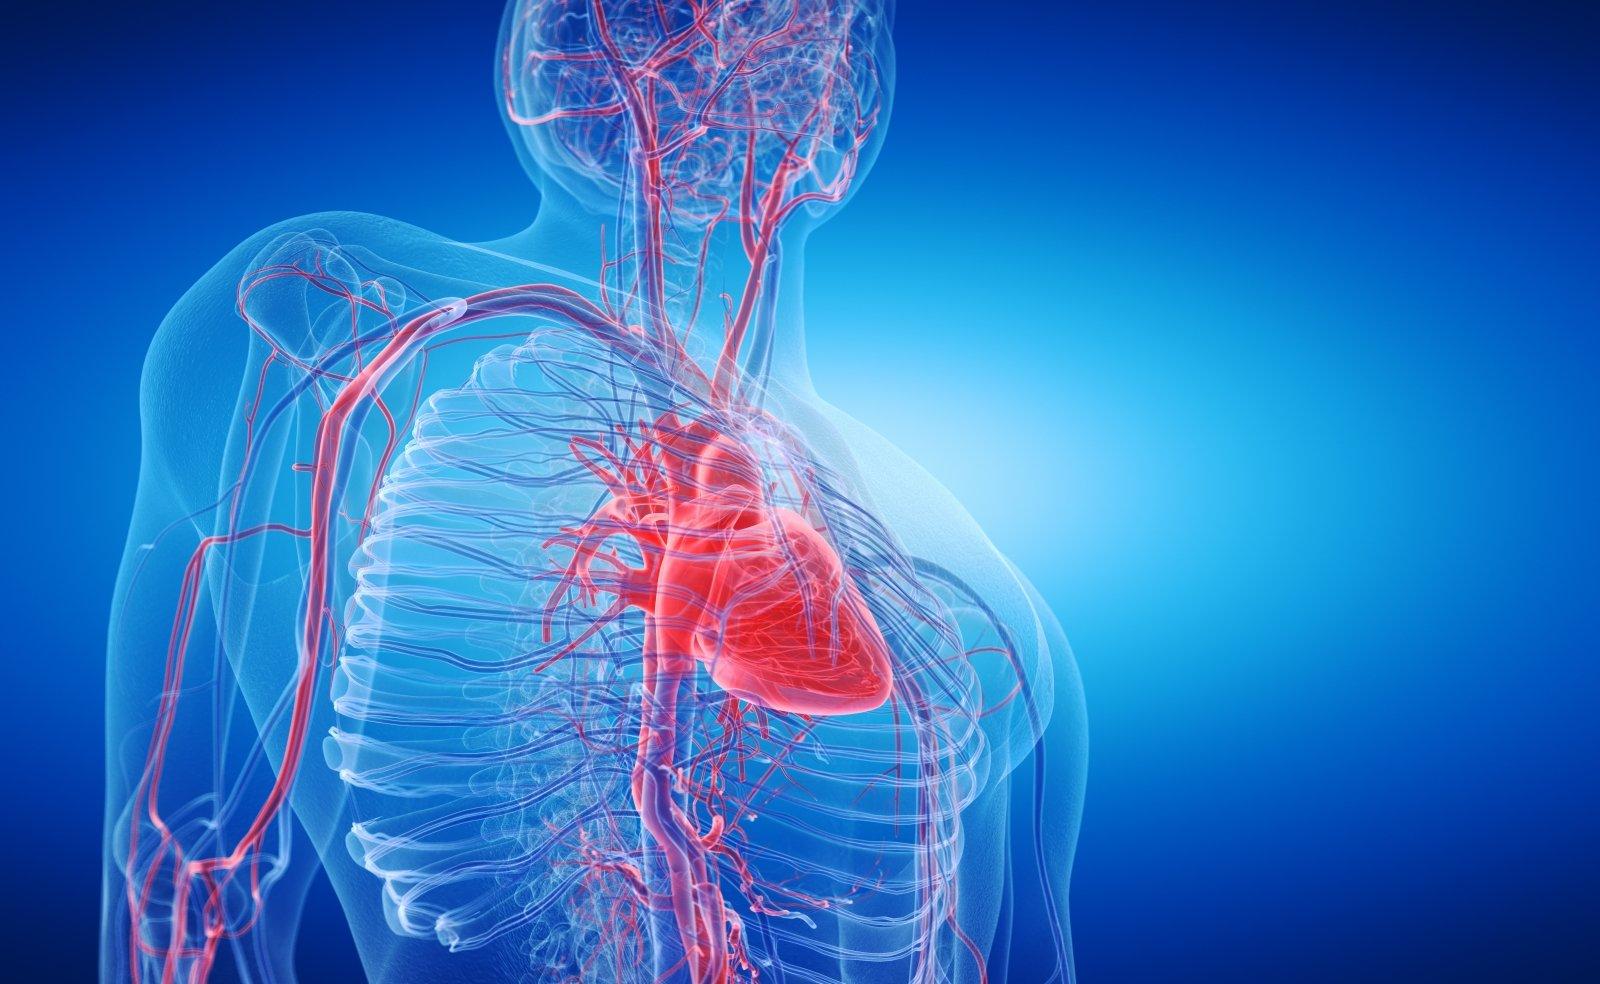 Kardiologas įspėja: maistas jūsų lėkštėje gali būti ir gyvybės, ir ligų šaltiniu